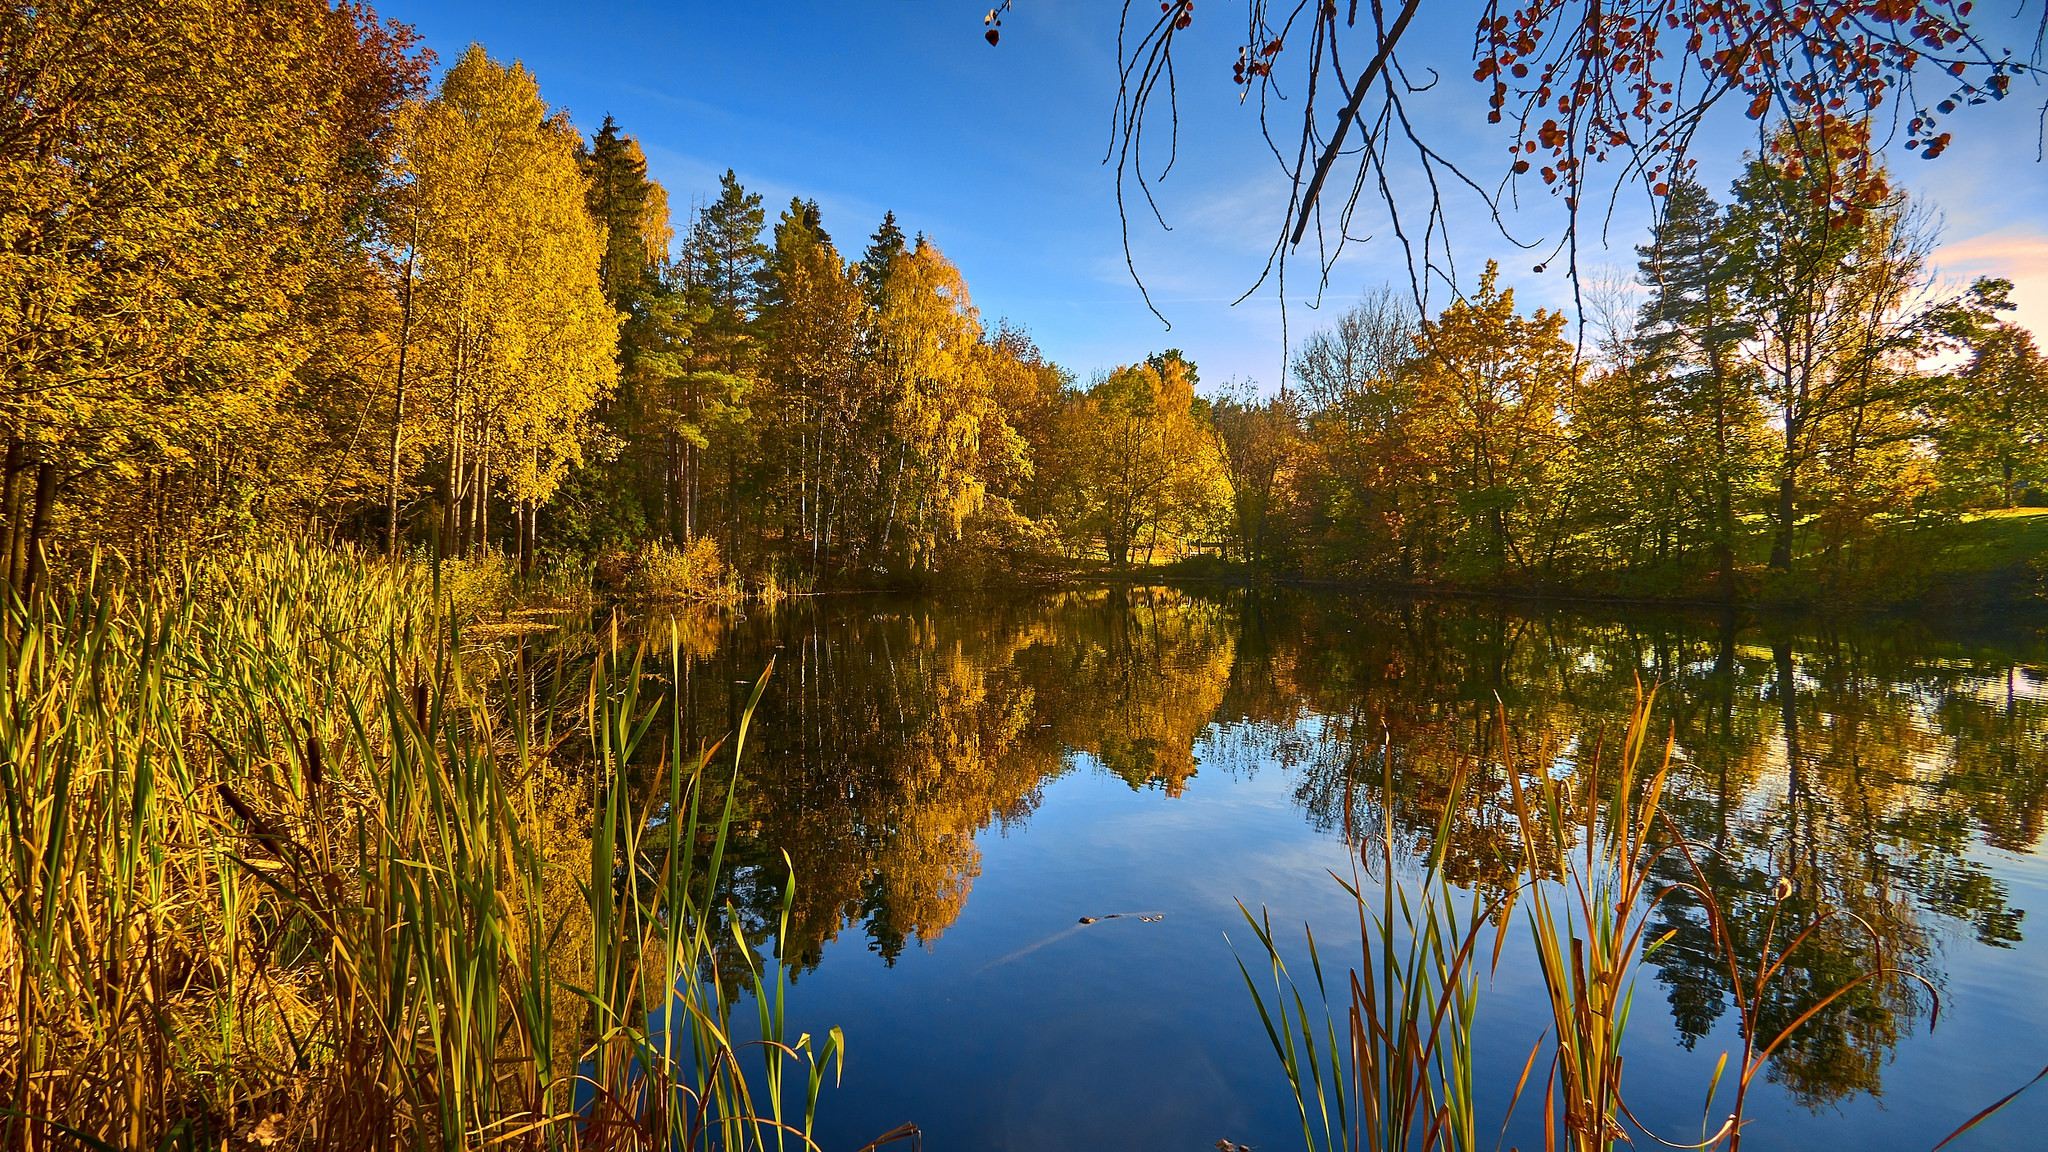 обои Vollen, Norway, осень, озеро картинки фото